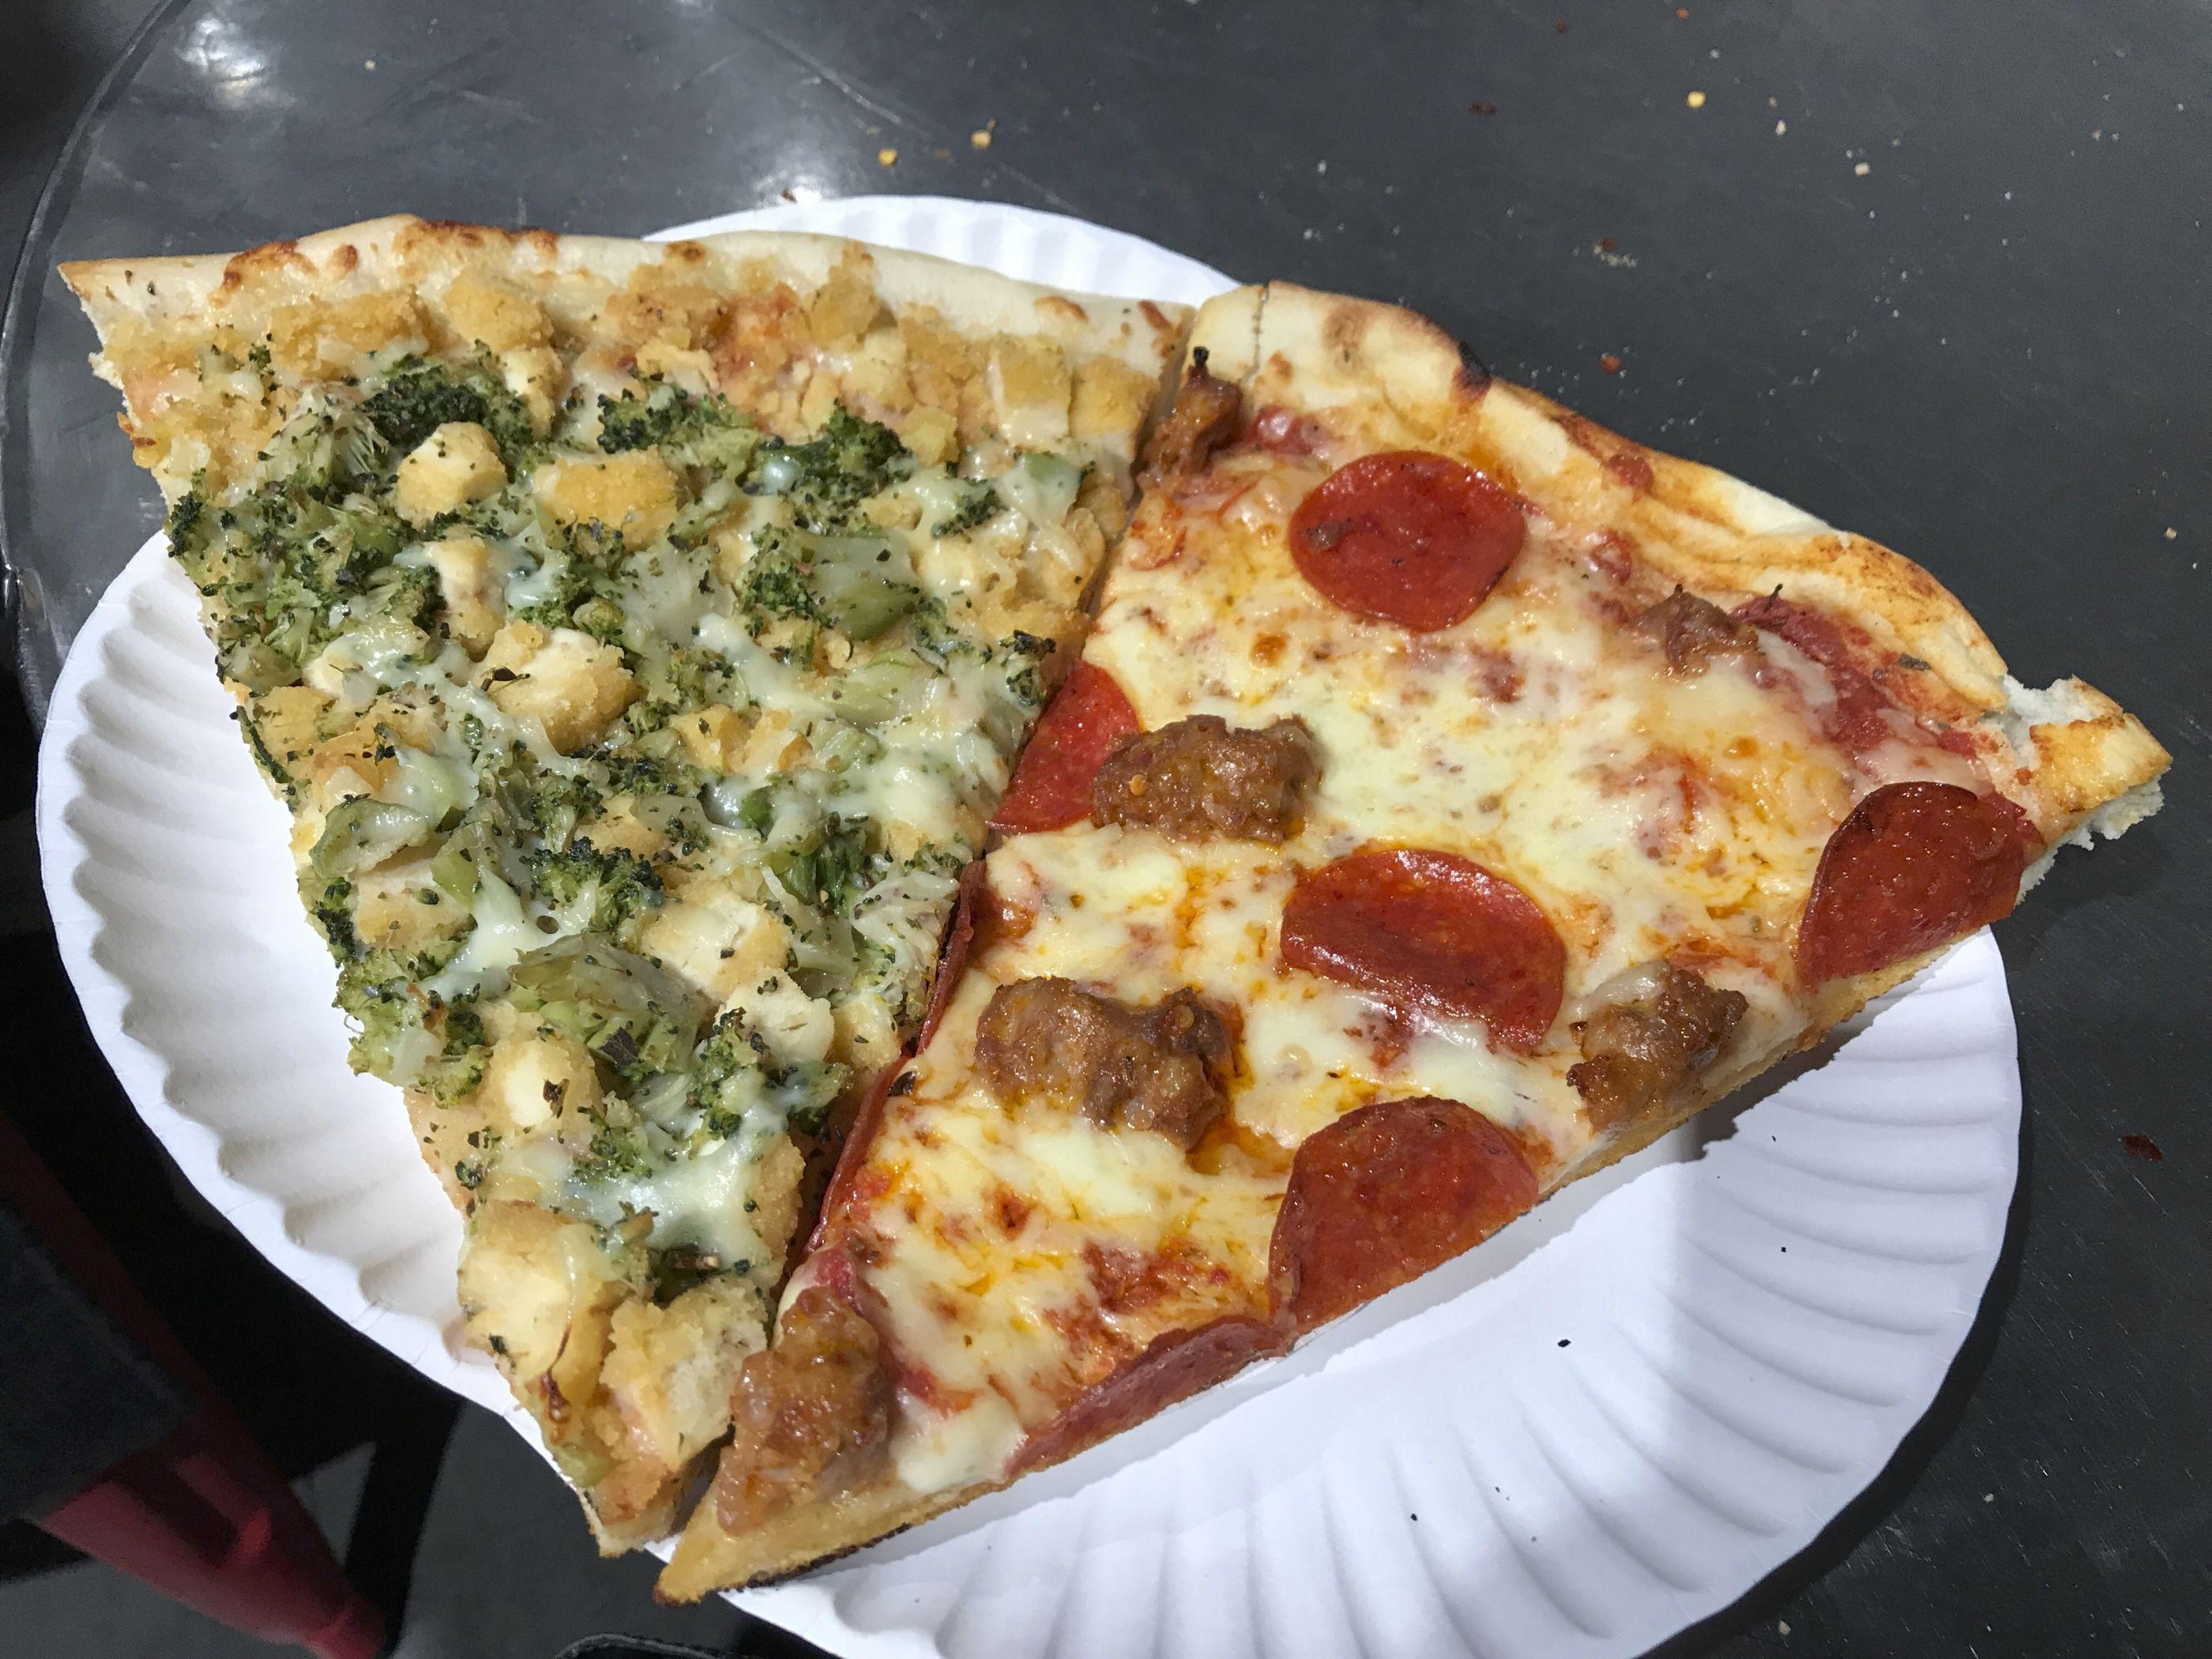 Slice Slice Baby 2 Bros Pizza In New York City New York New York Pizza Delicious Pizza Pizza